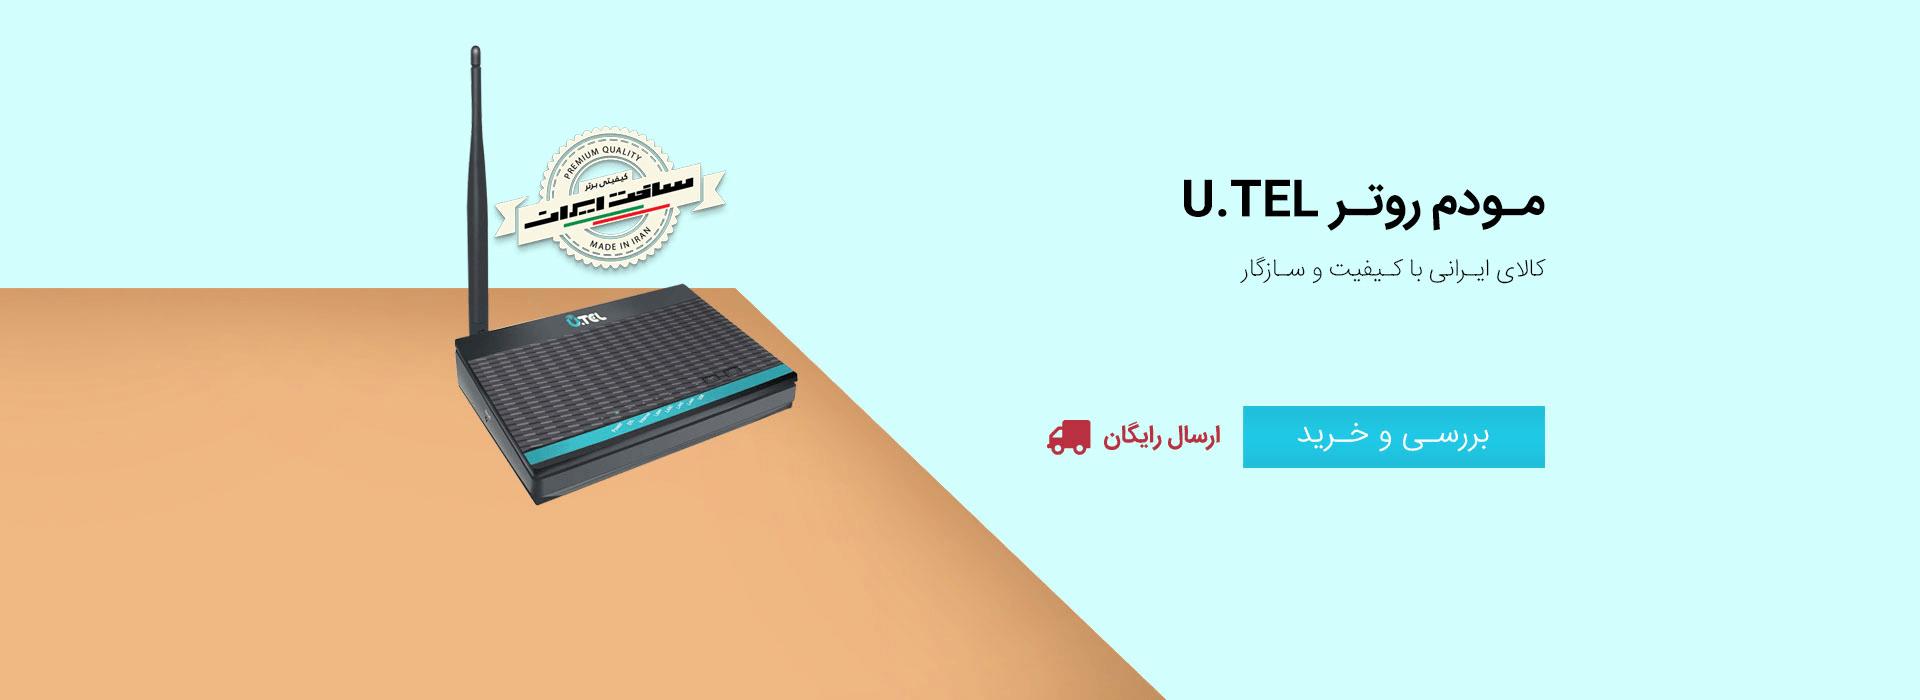 U.TEL  A154